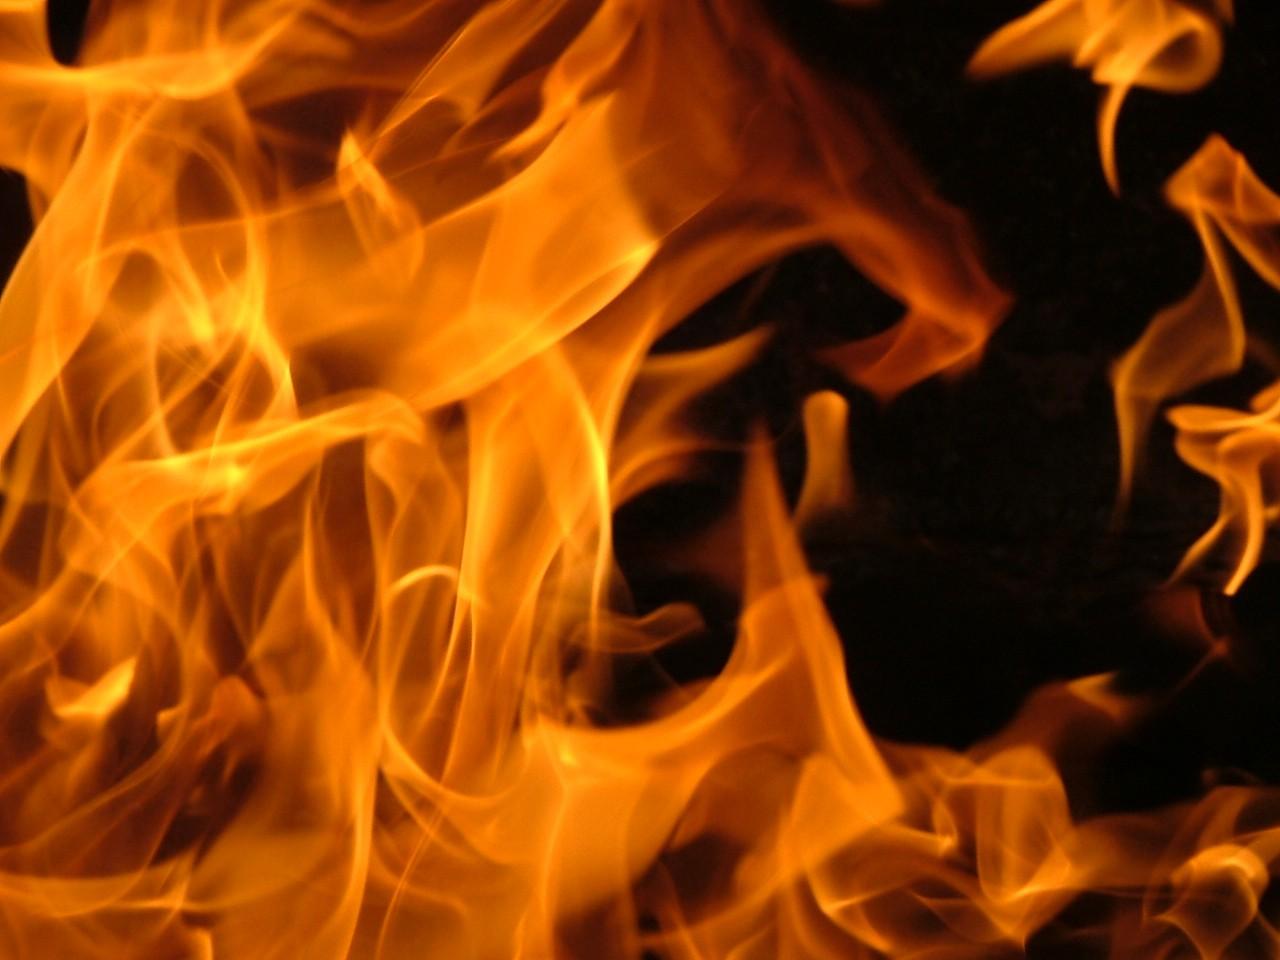 Пожар наКраснопутиловской унёс жизнь пенсионерки-куряги